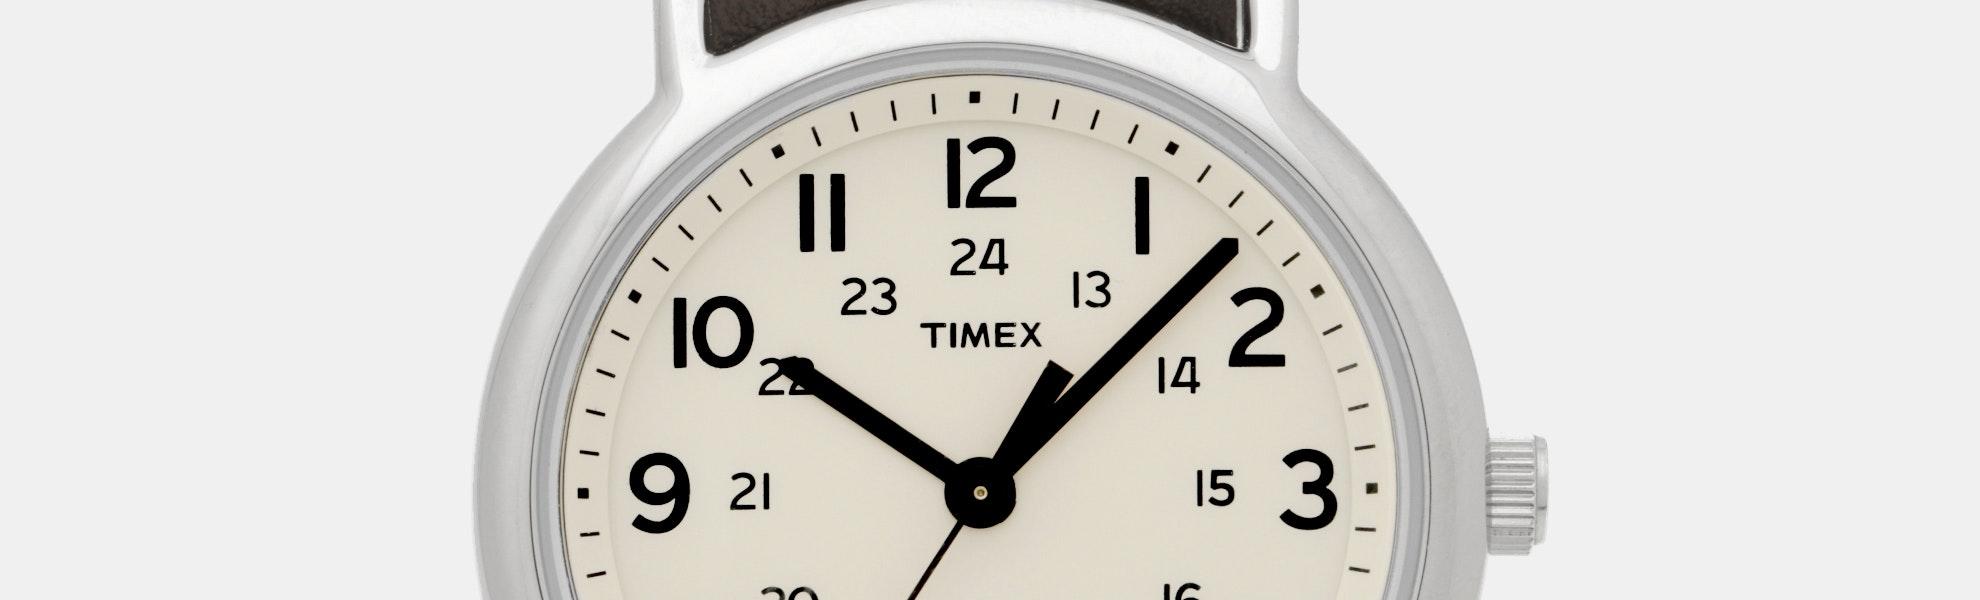 Timex Weekender Quartz Watch